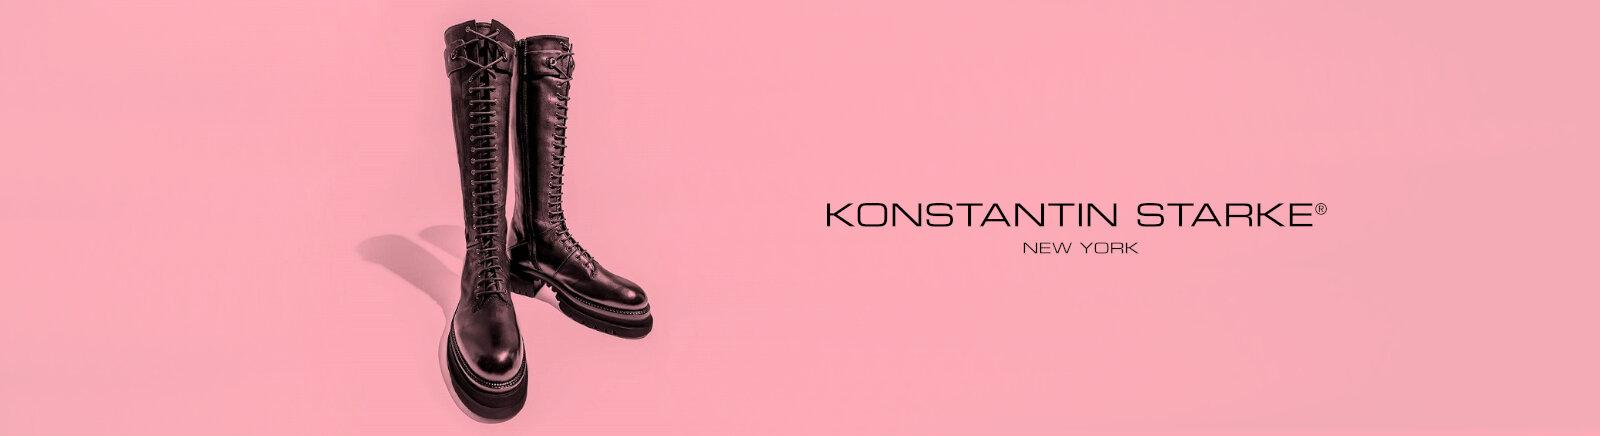 Konstantin Starke Markenschuhe online bestellen im Prange Schuhe Shop